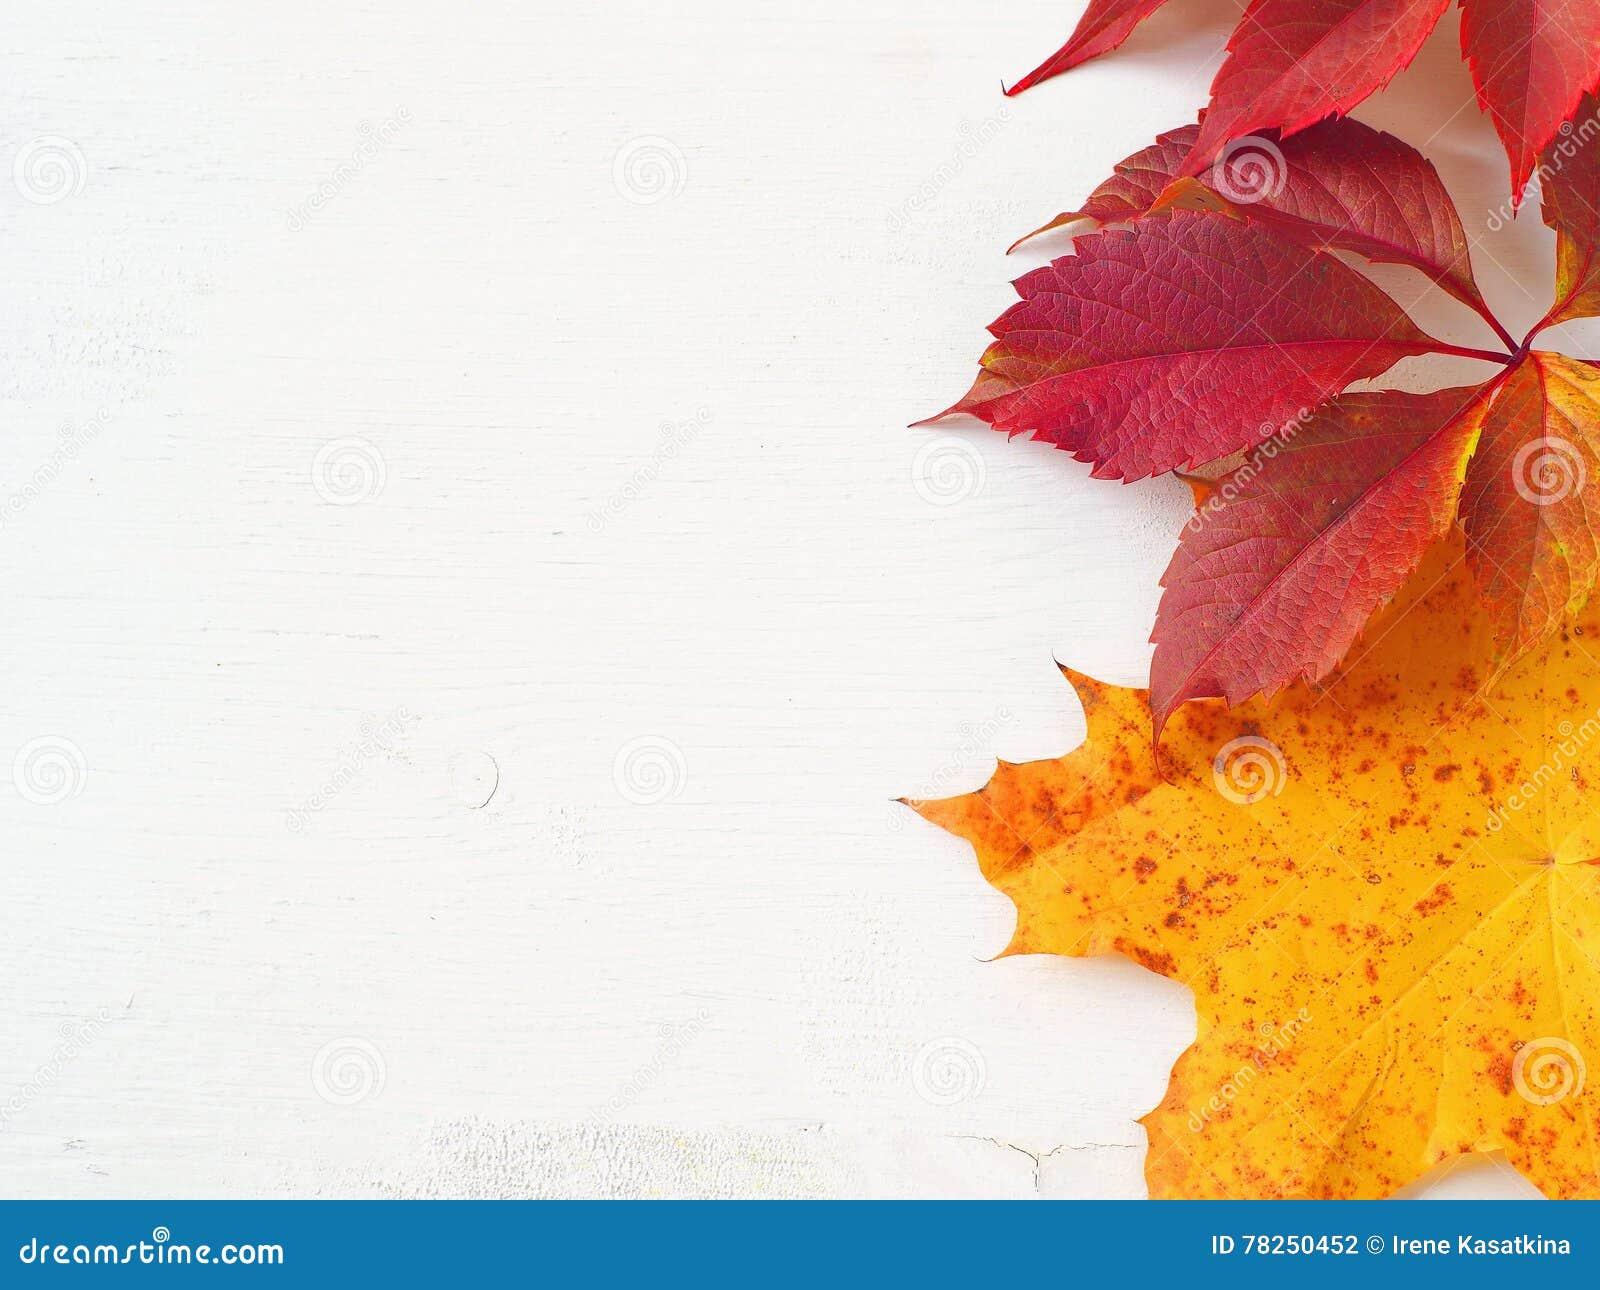 Κόκκινα και κίτρινα φύλλα φθινοπώρου επάνω στο άσπρο ξύλινο υπόβαθρο